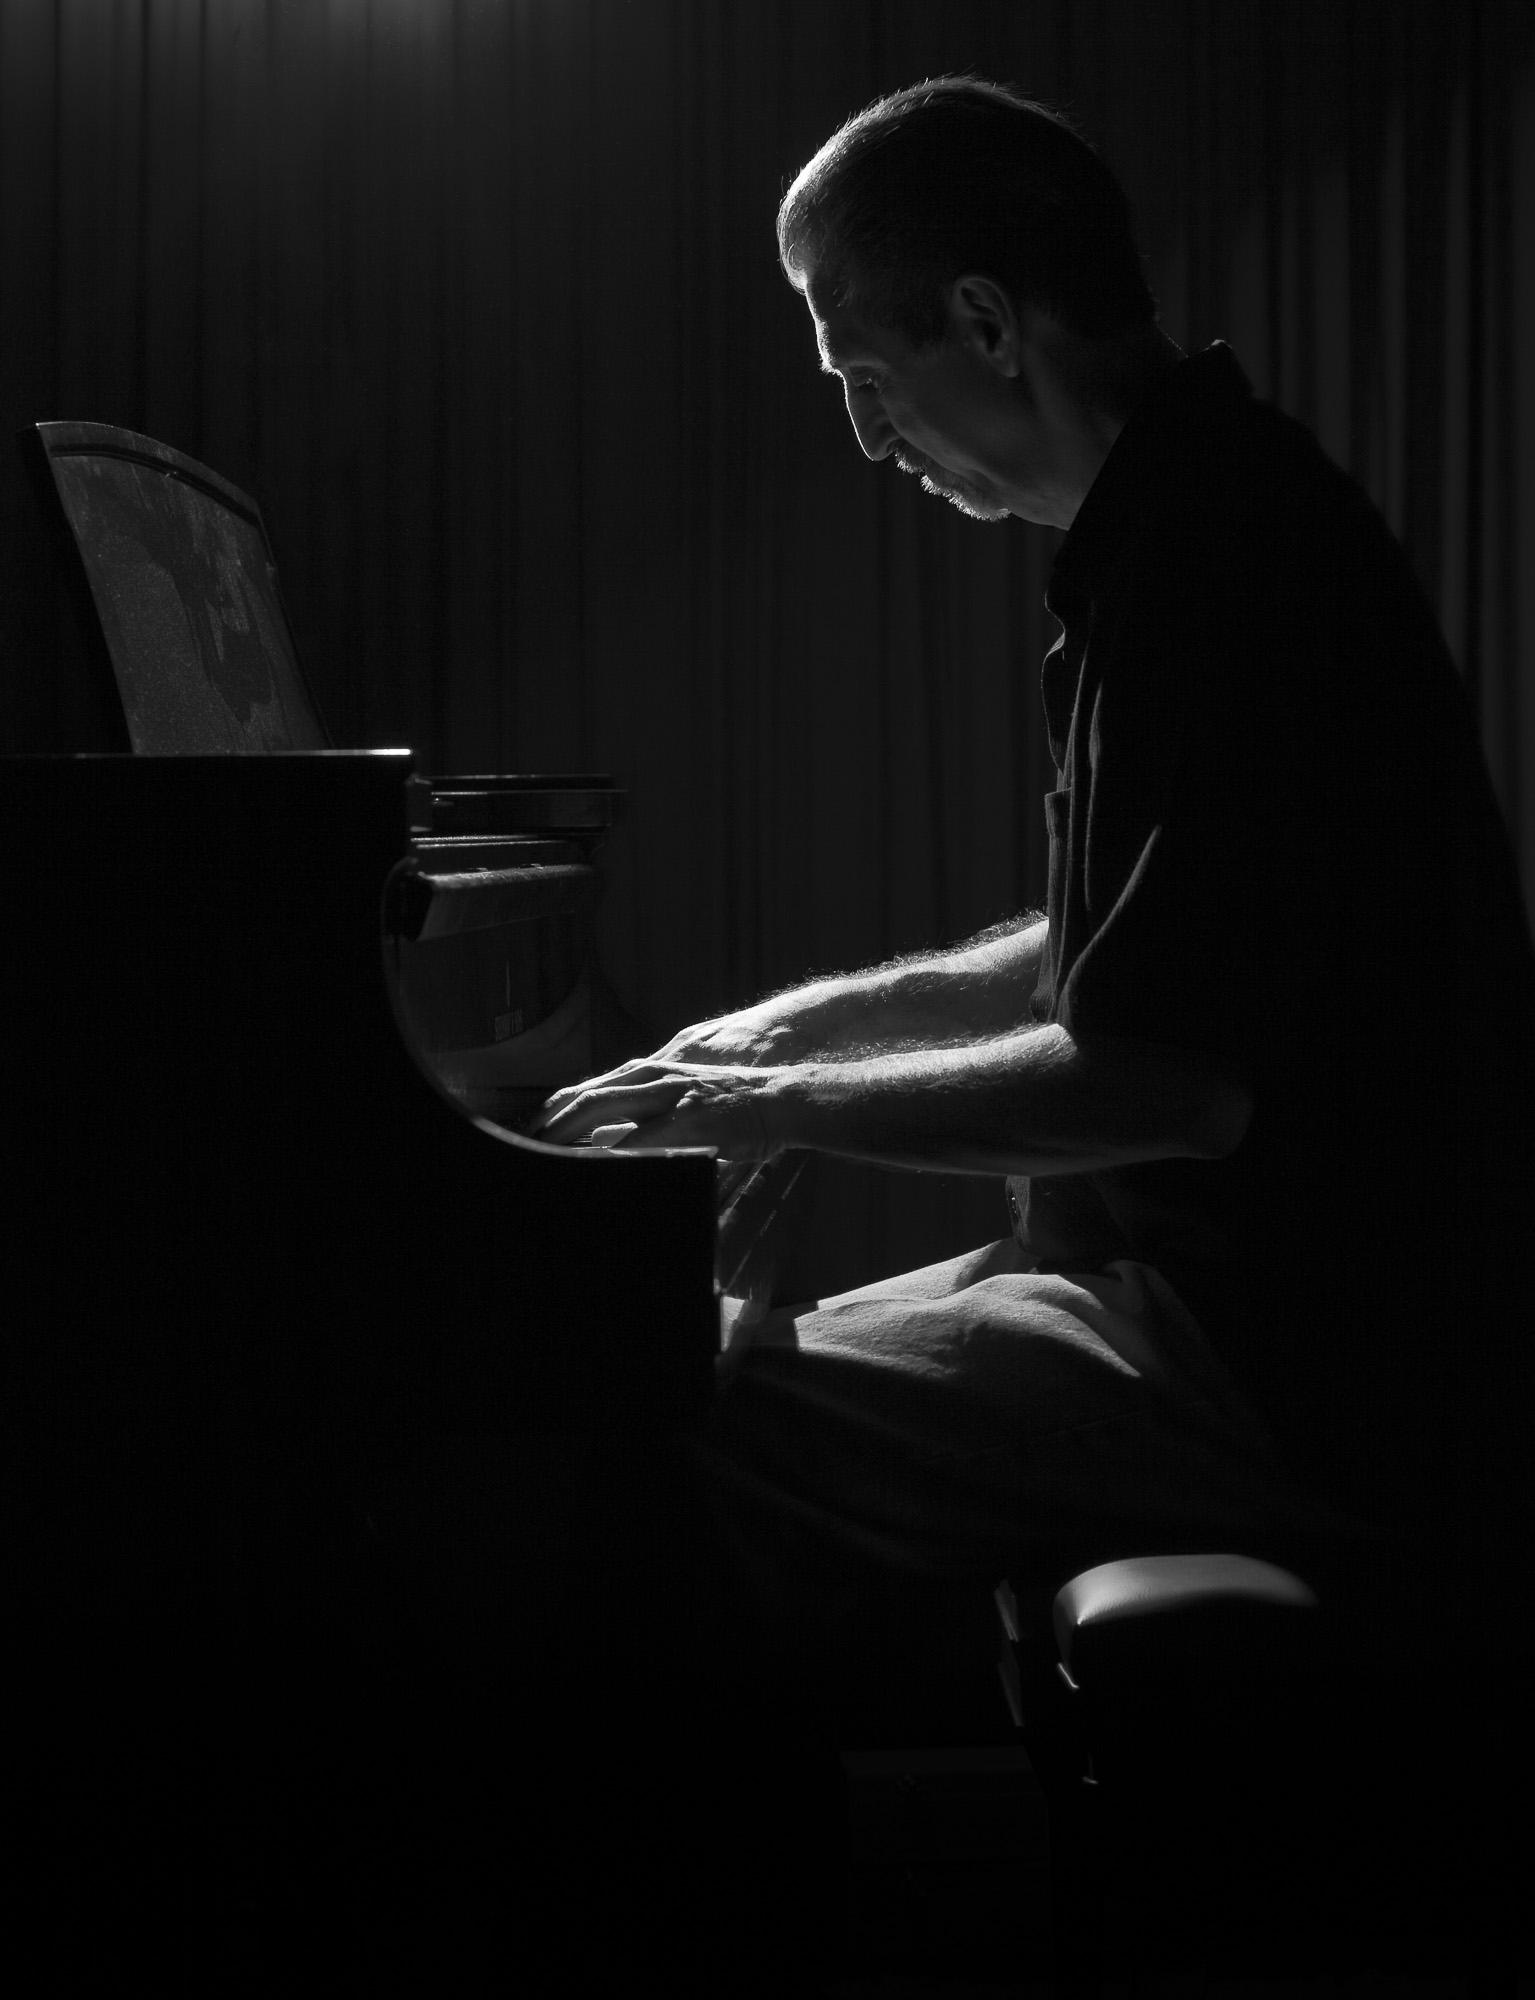 Roger Friedman